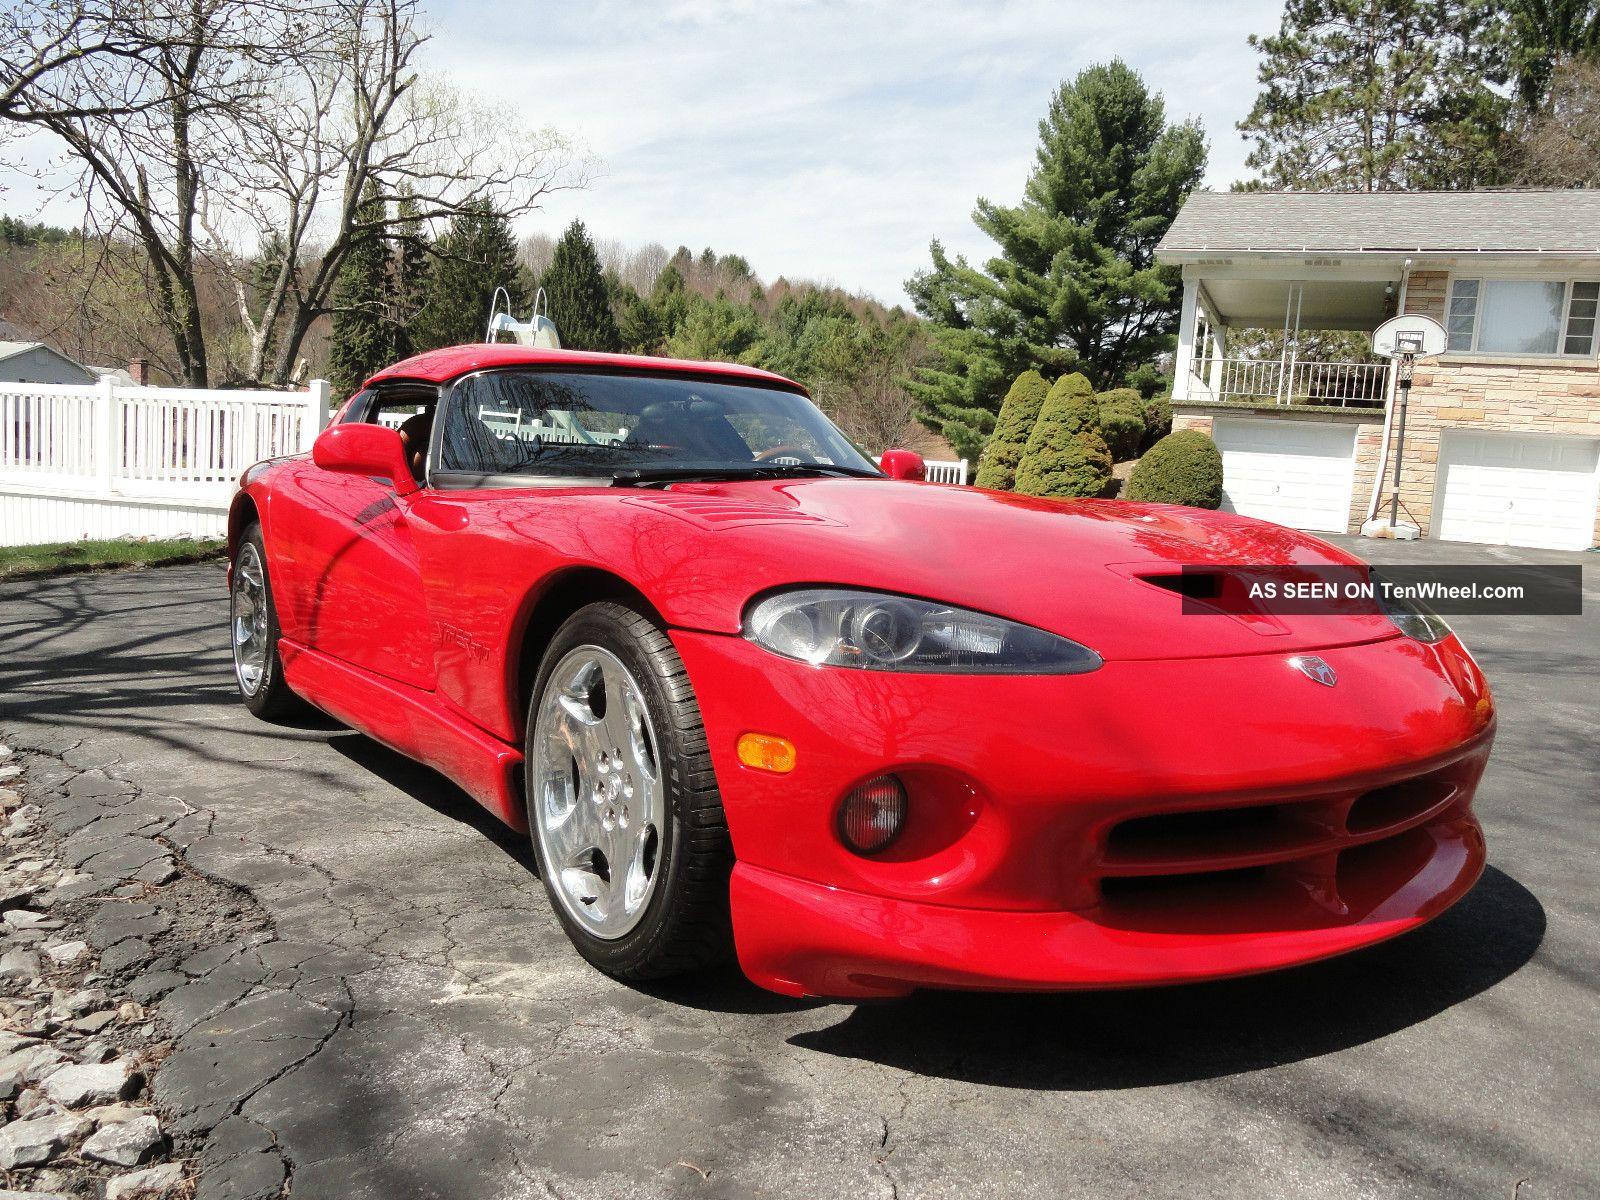 2001 Dodge Viper Viper photo